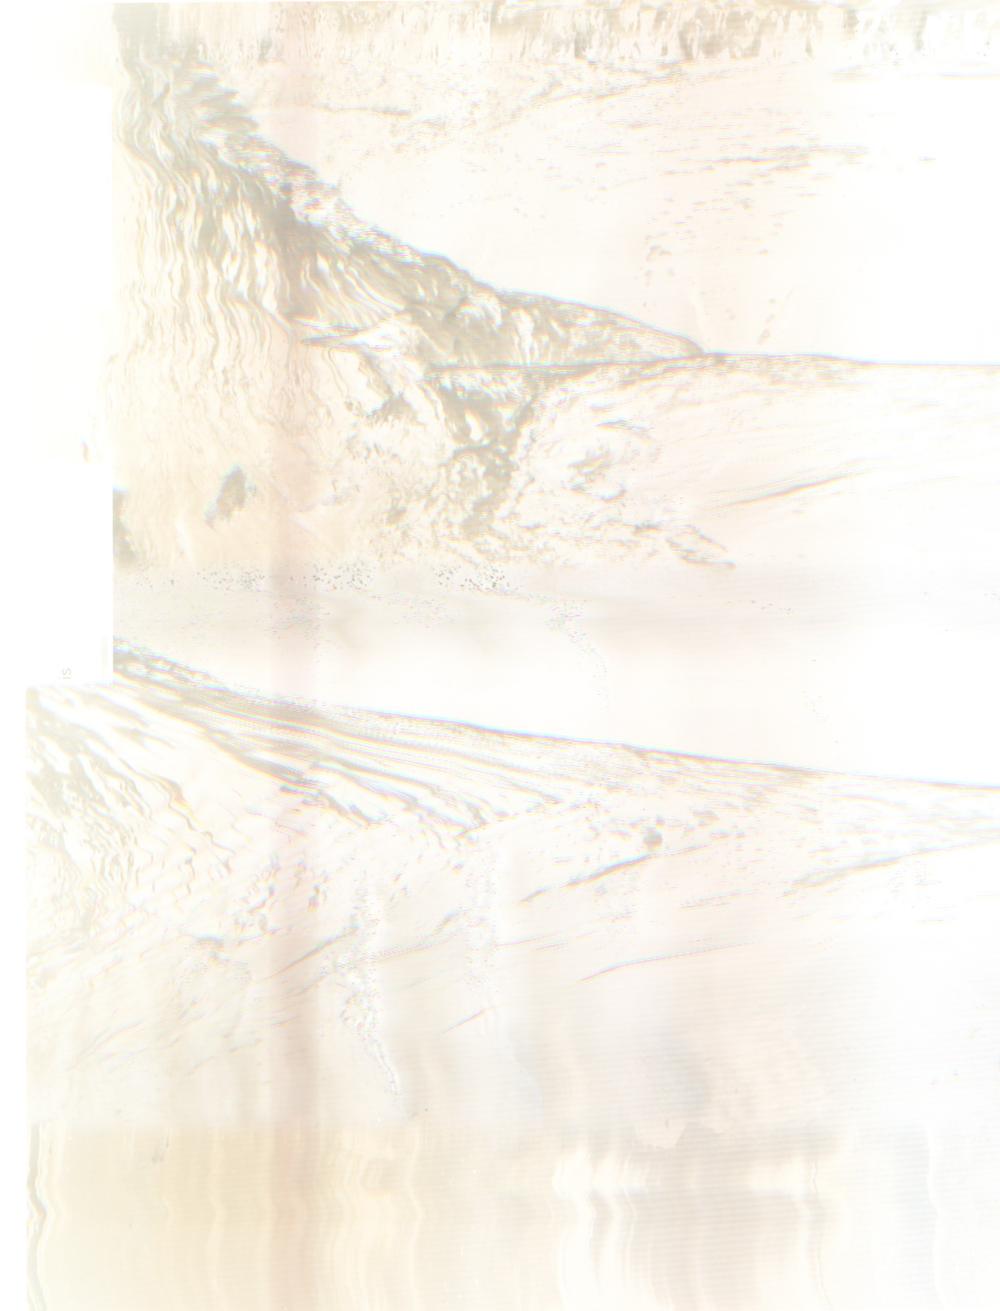 OCEANMOVIES-010.jpg